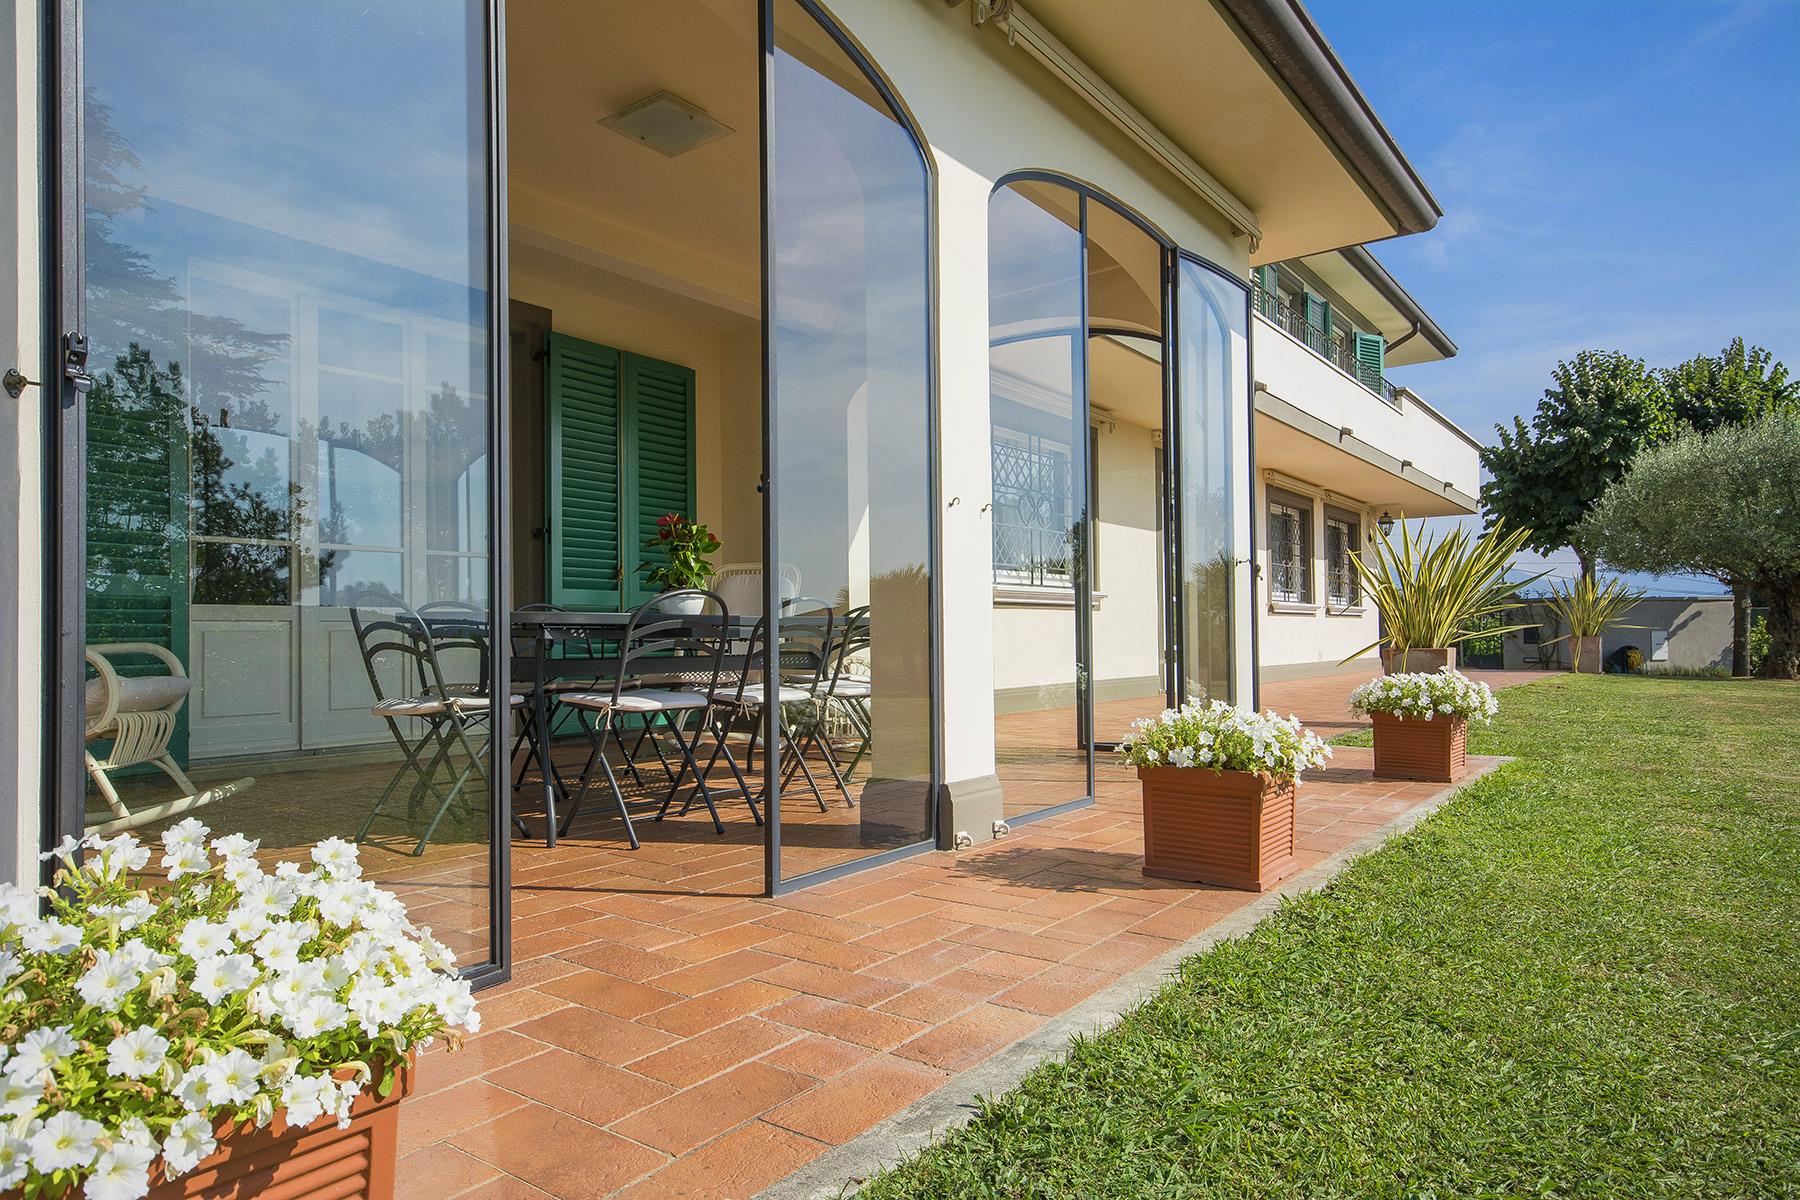 Casa indipendente in Vendita a Lucca: 5 locali, 300 mq - Foto 25